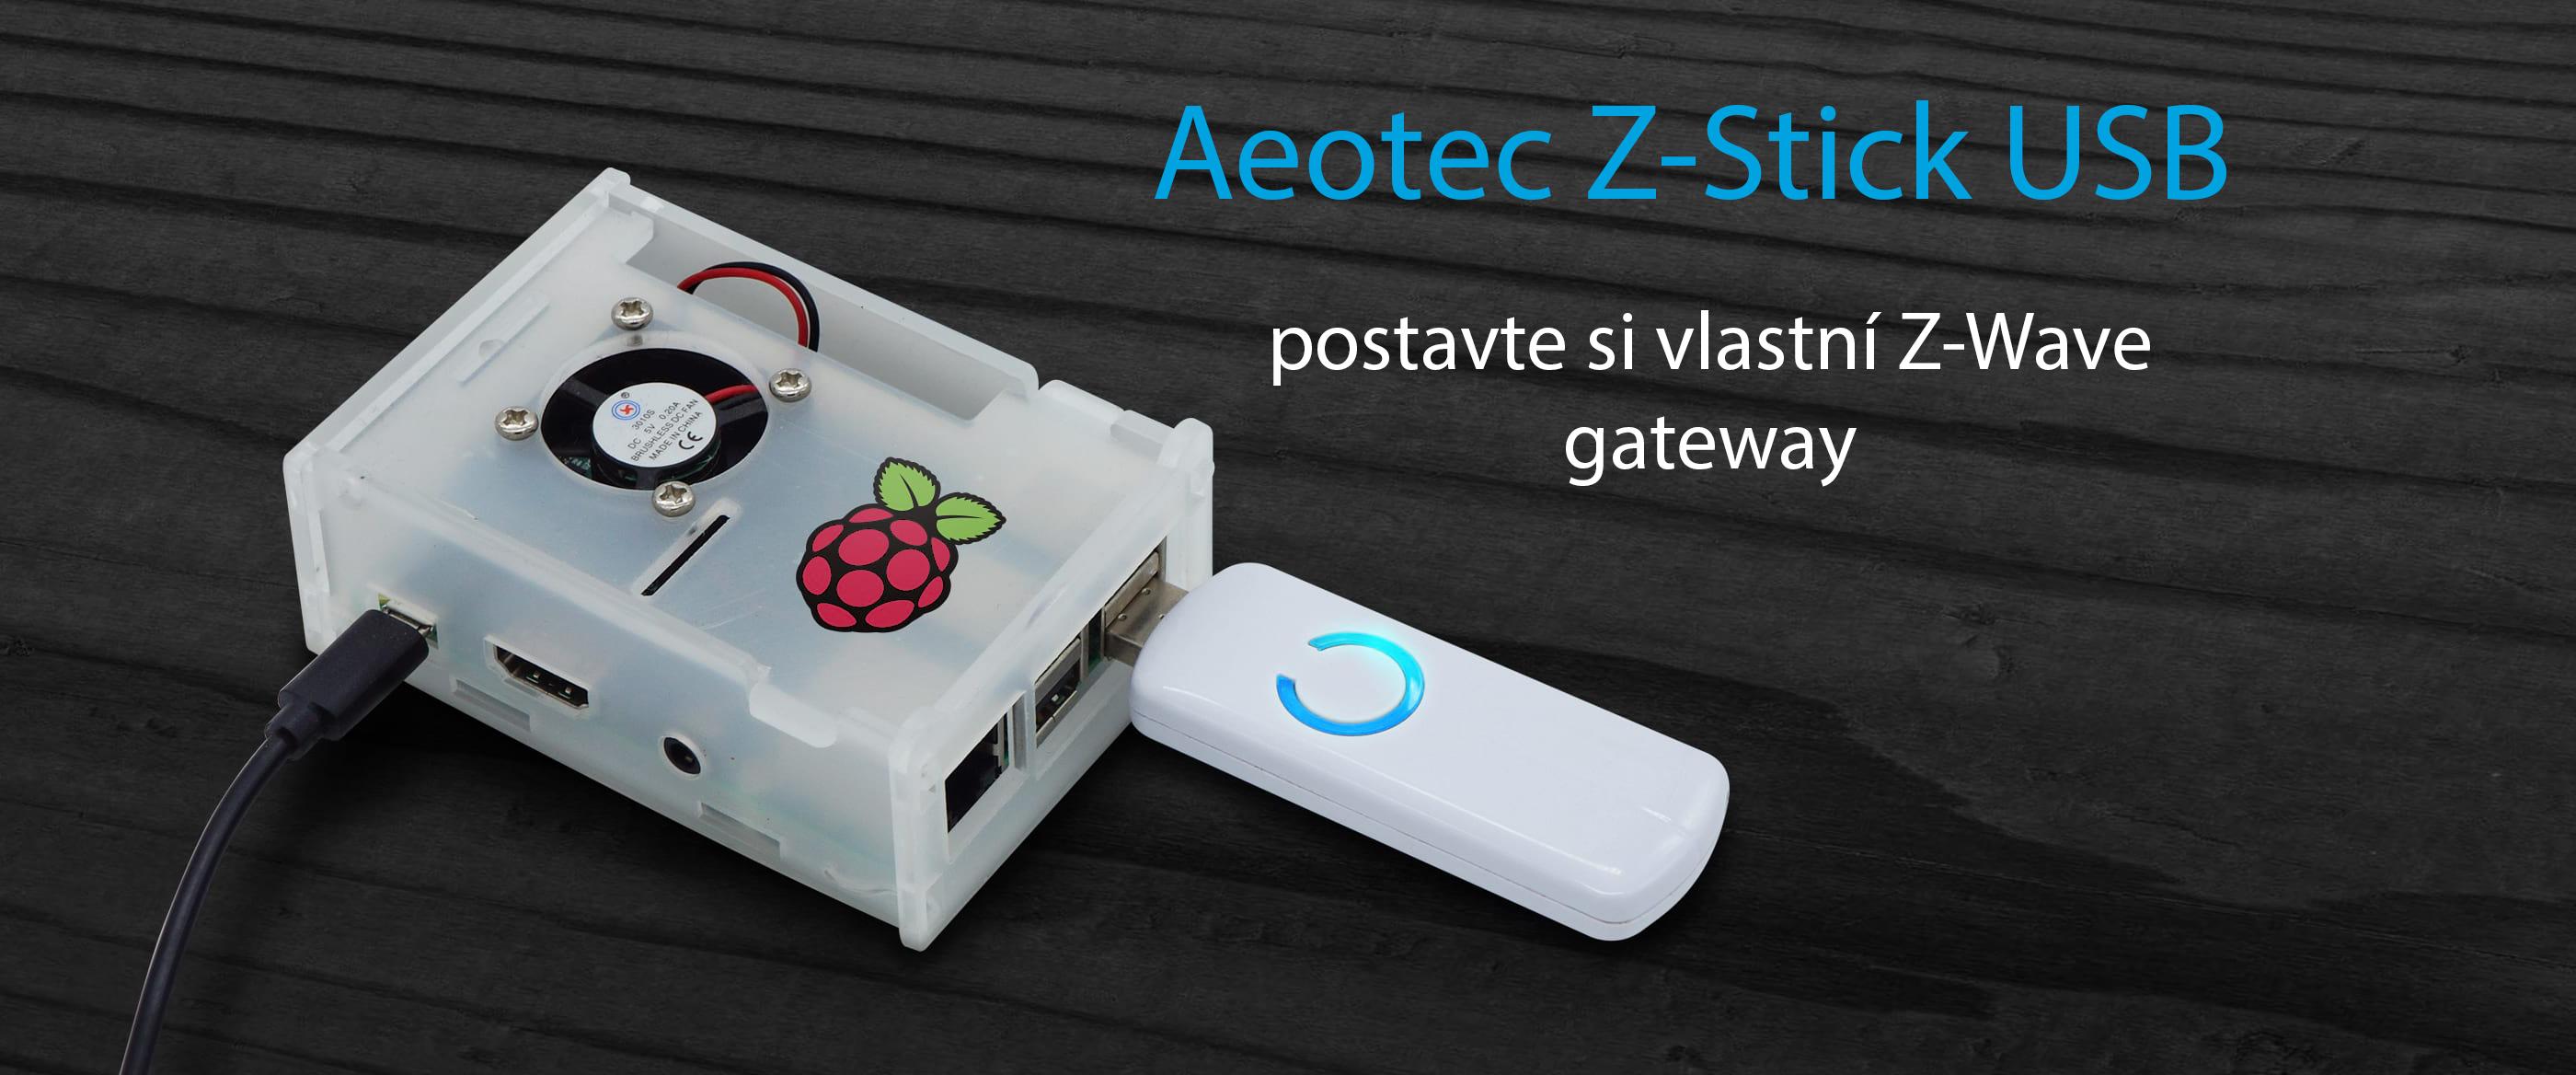 Aeotec Z-Stick USB